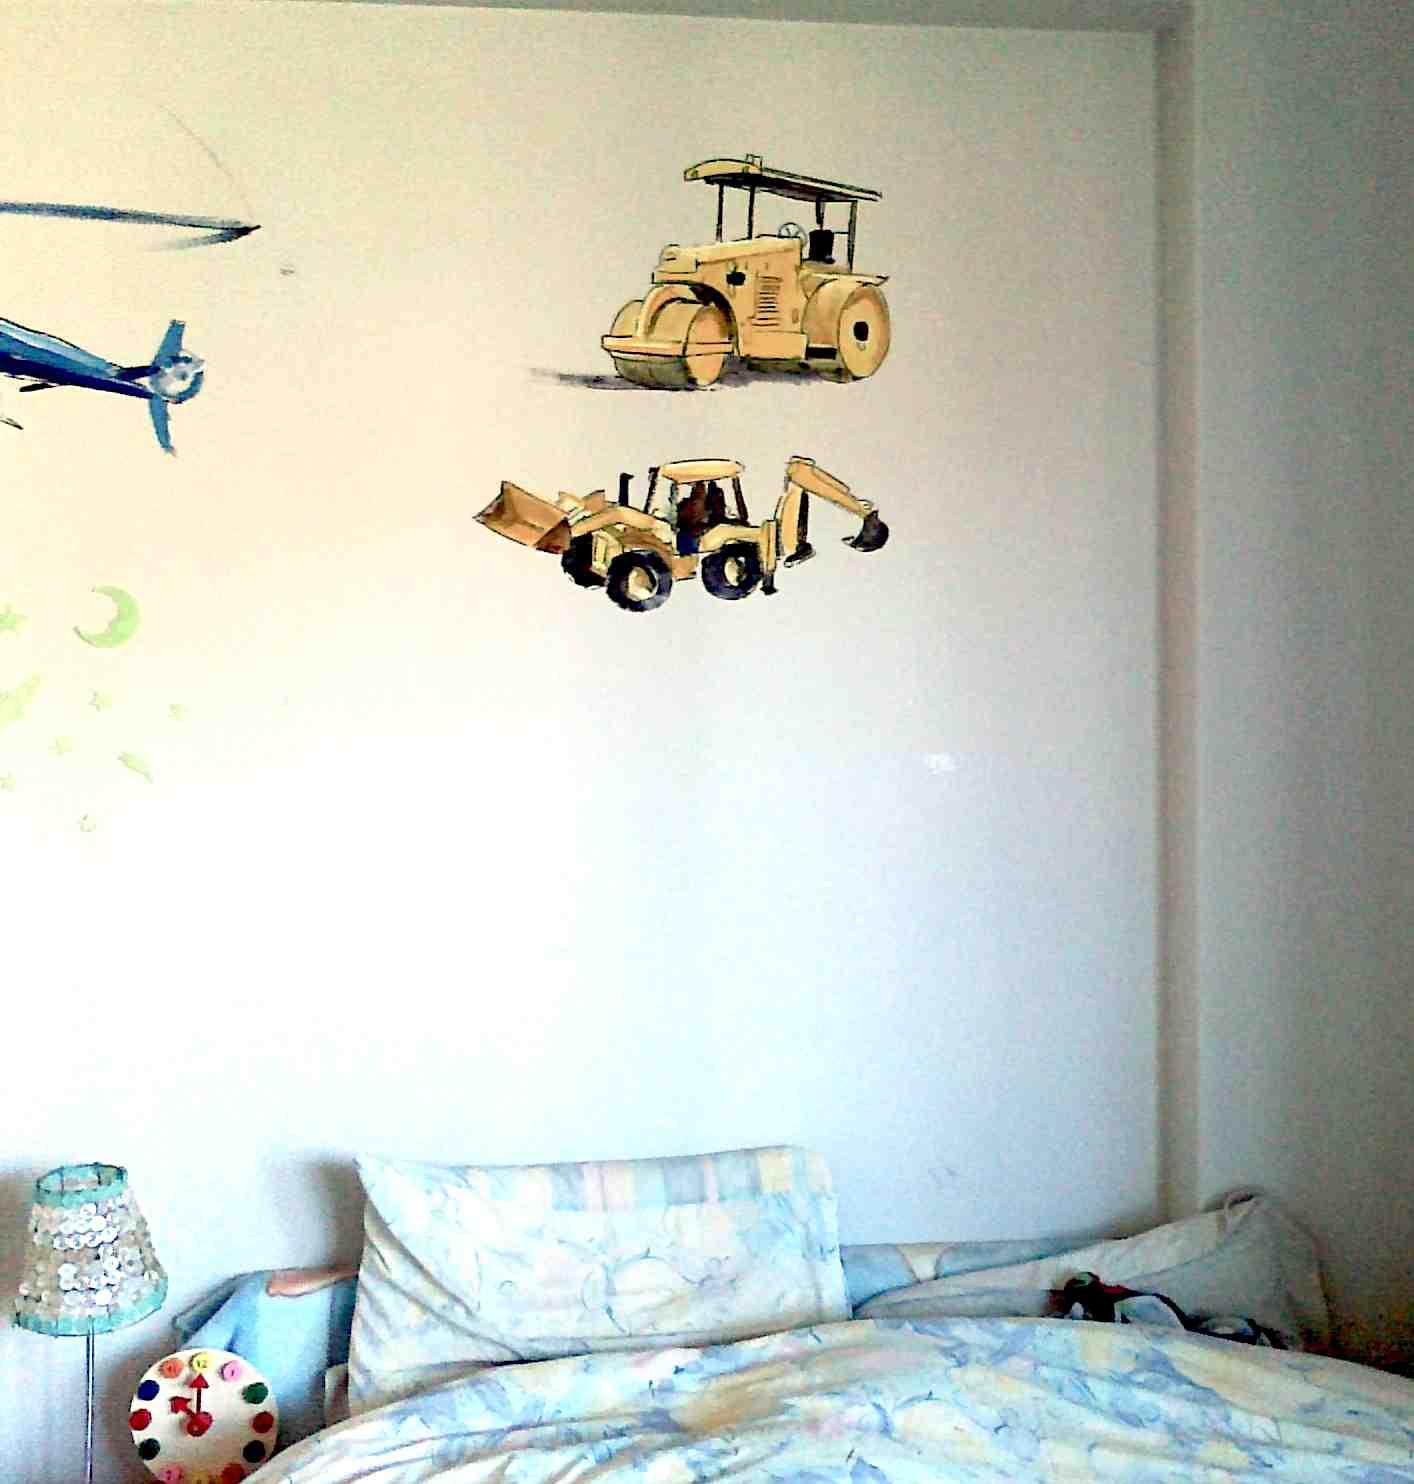 http://3.bp.blogspot.com/-zmgBUfYh0GA/UGwc5FyALKI/AAAAAAAACcE/3OPI_VTxXeY/s1600/handholds+bed+wall.jpg